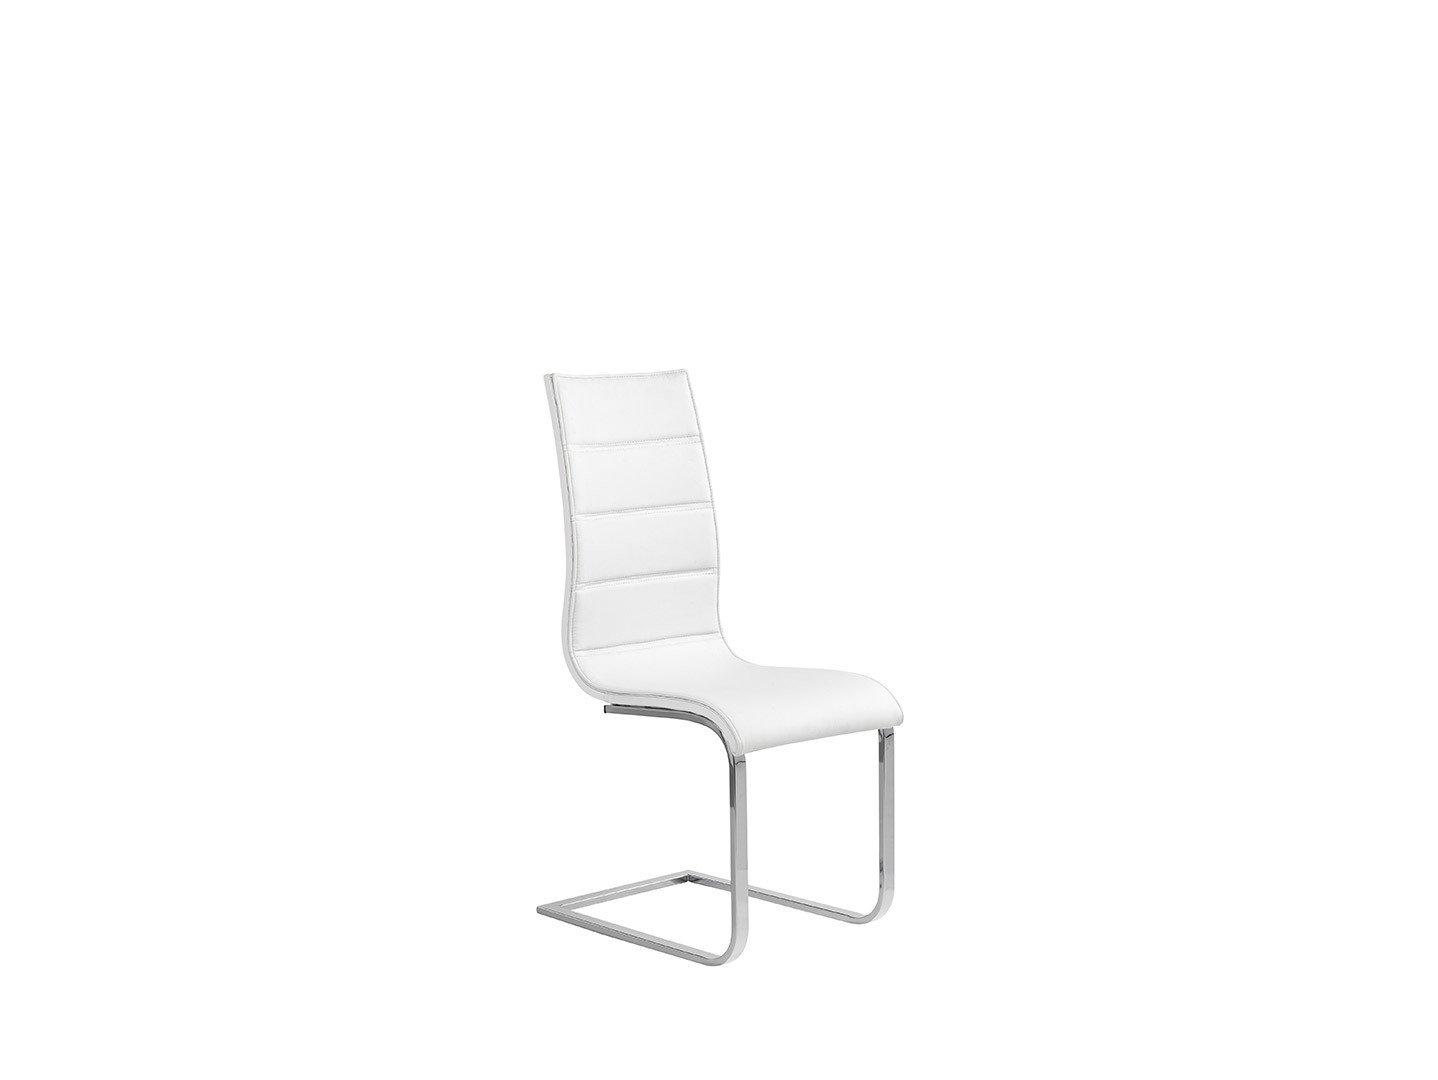 Nowoczesne białe krzesło